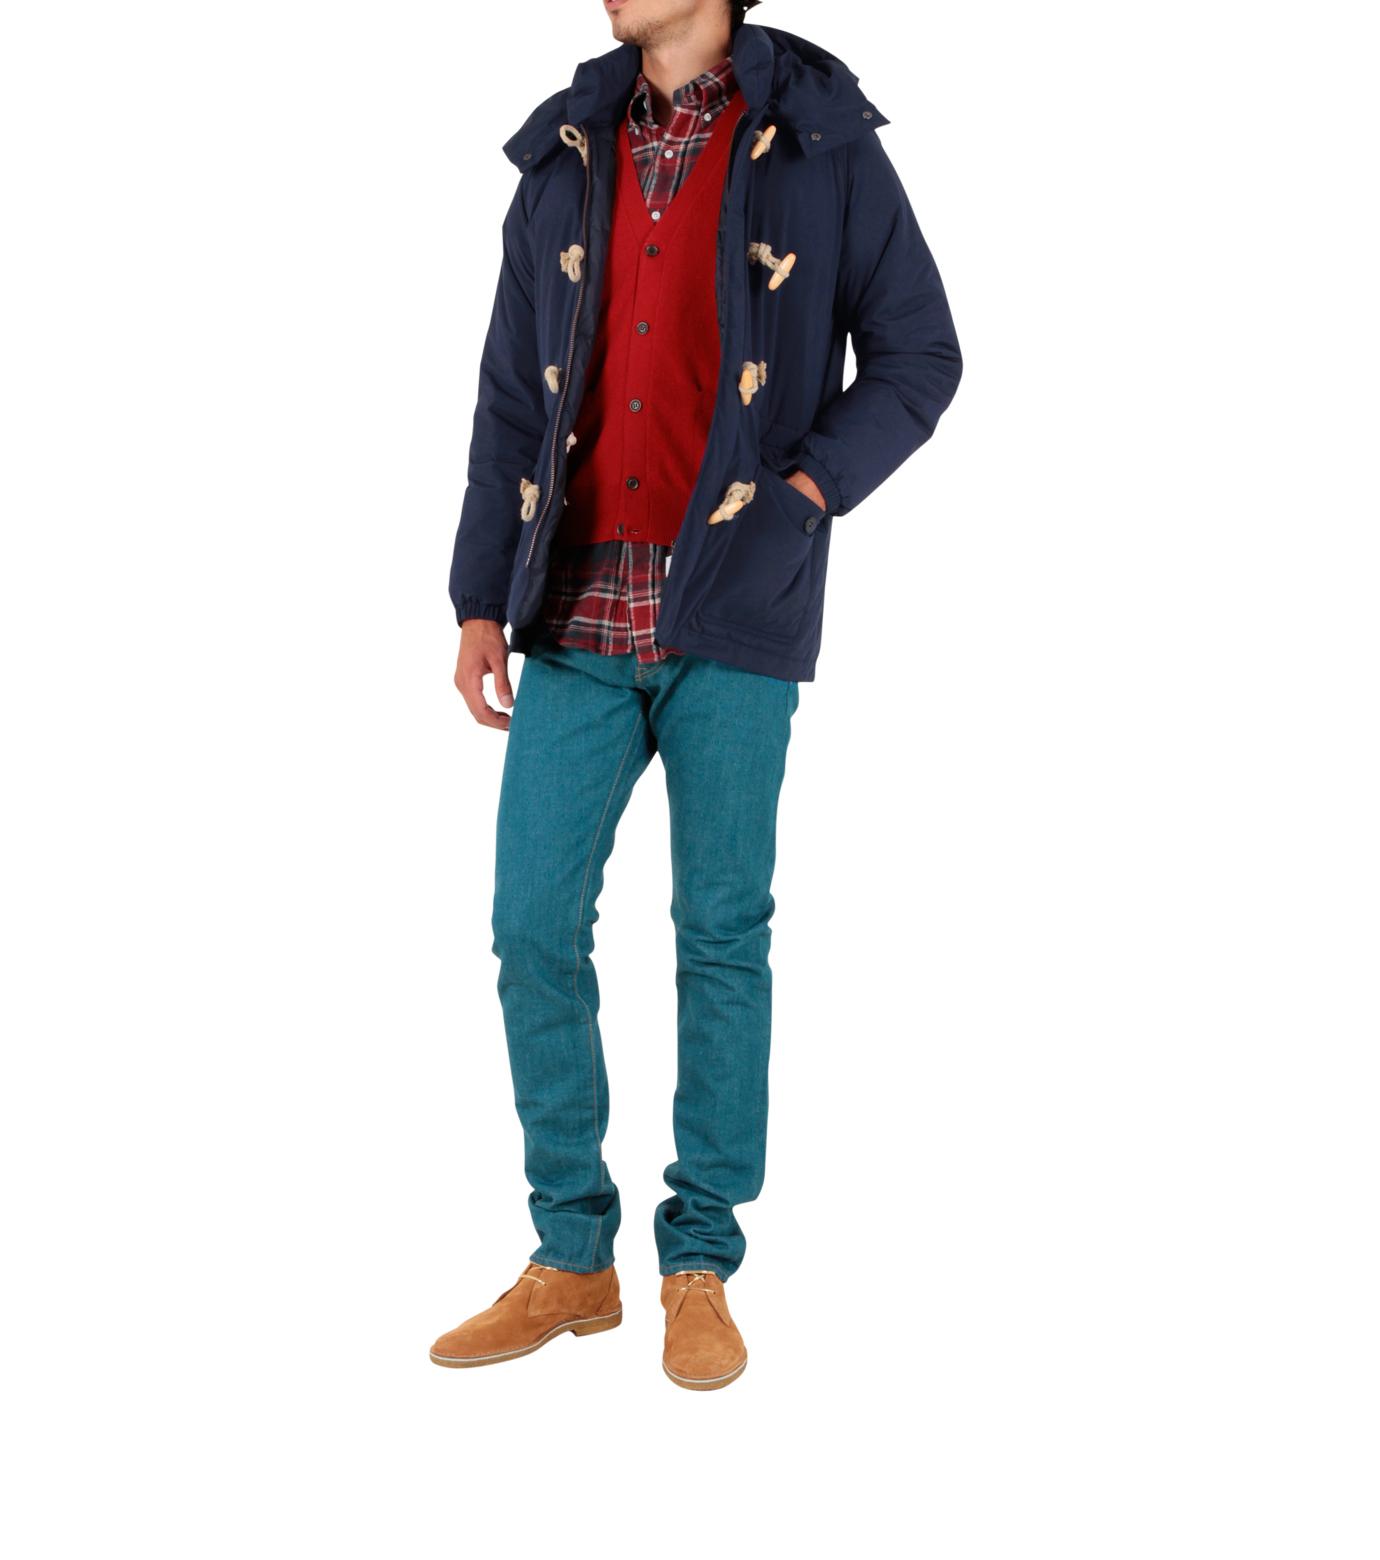 MAISON KITSUNÉ(メゾンキツネ)のMountain jacket-NAVY-FW11-056-OT 拡大詳細画像3